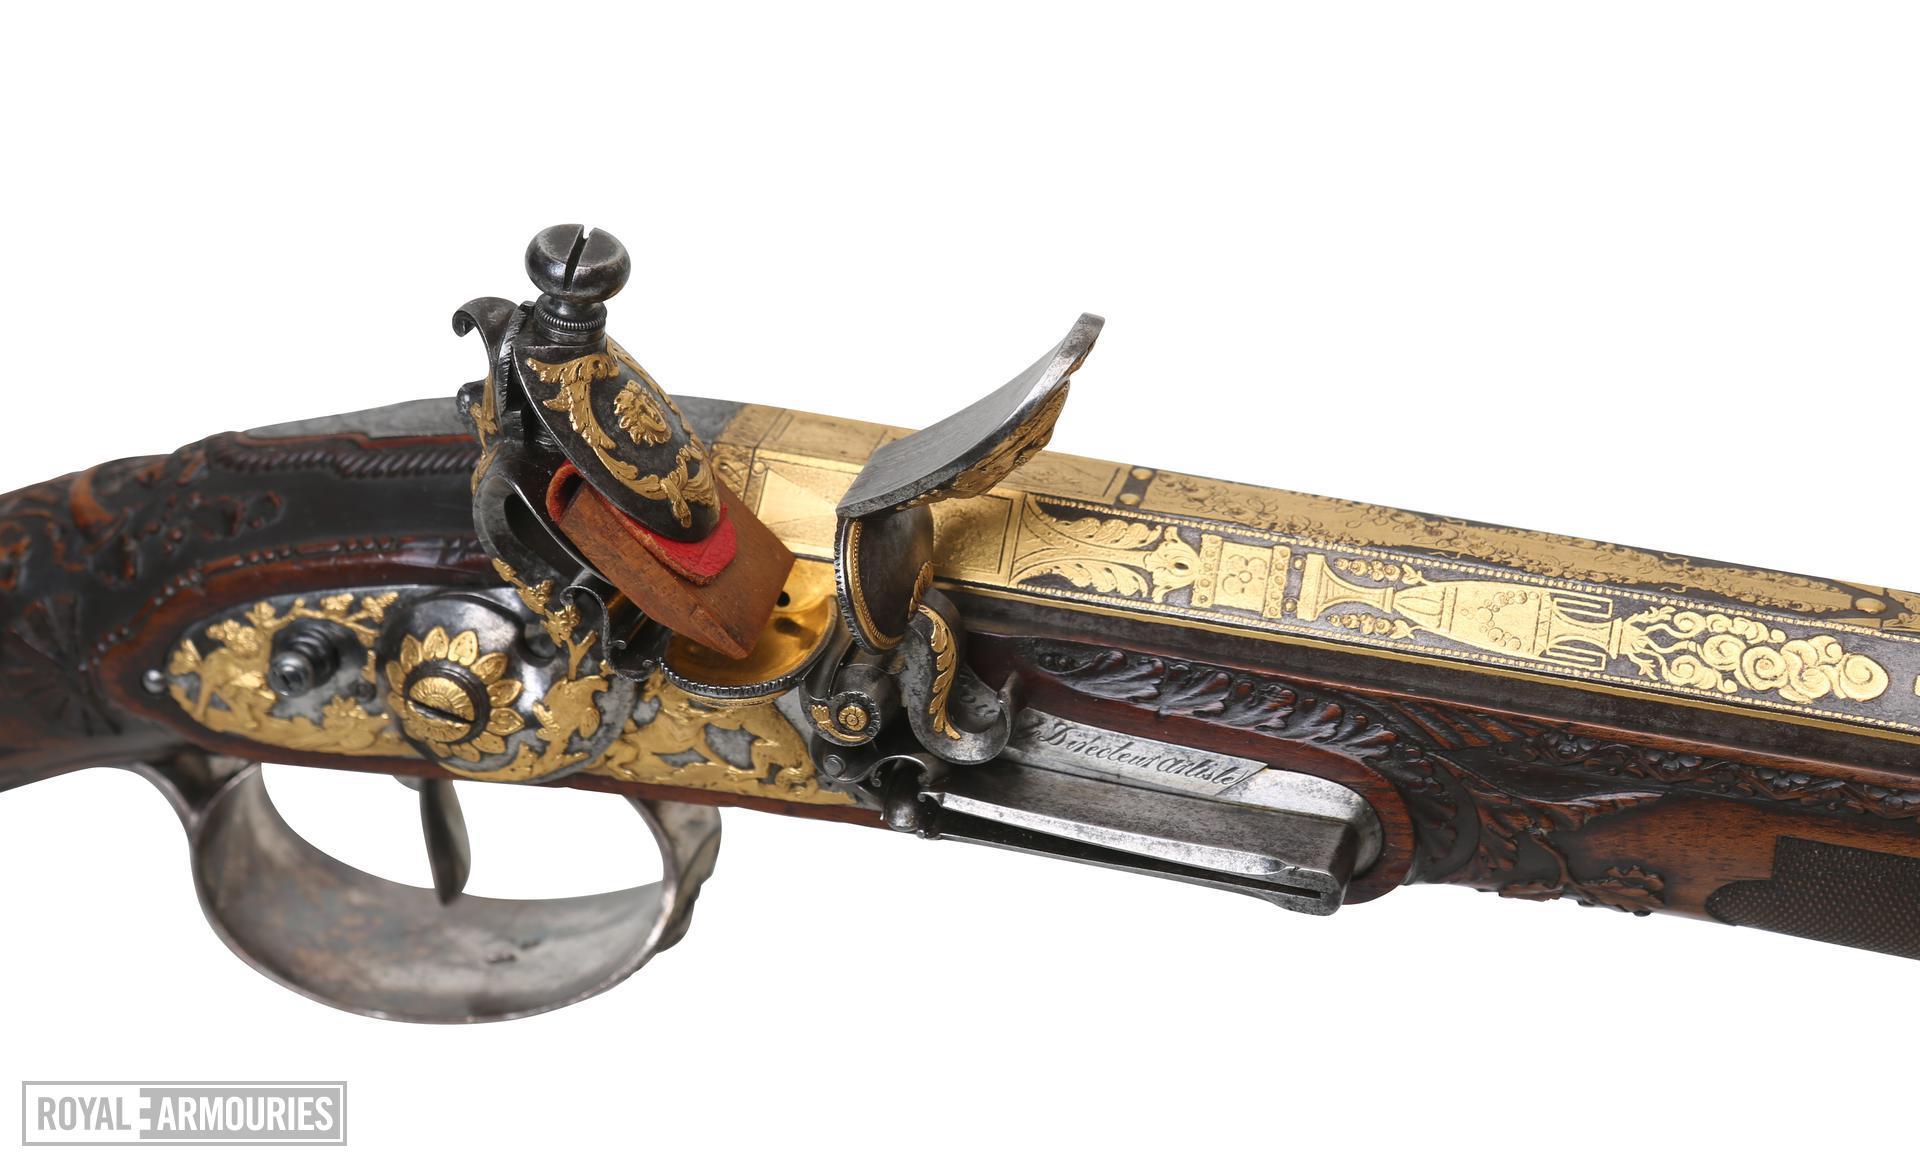 Flintlock muzzle-loading sporting gun - By Nicholas Noel Boutet